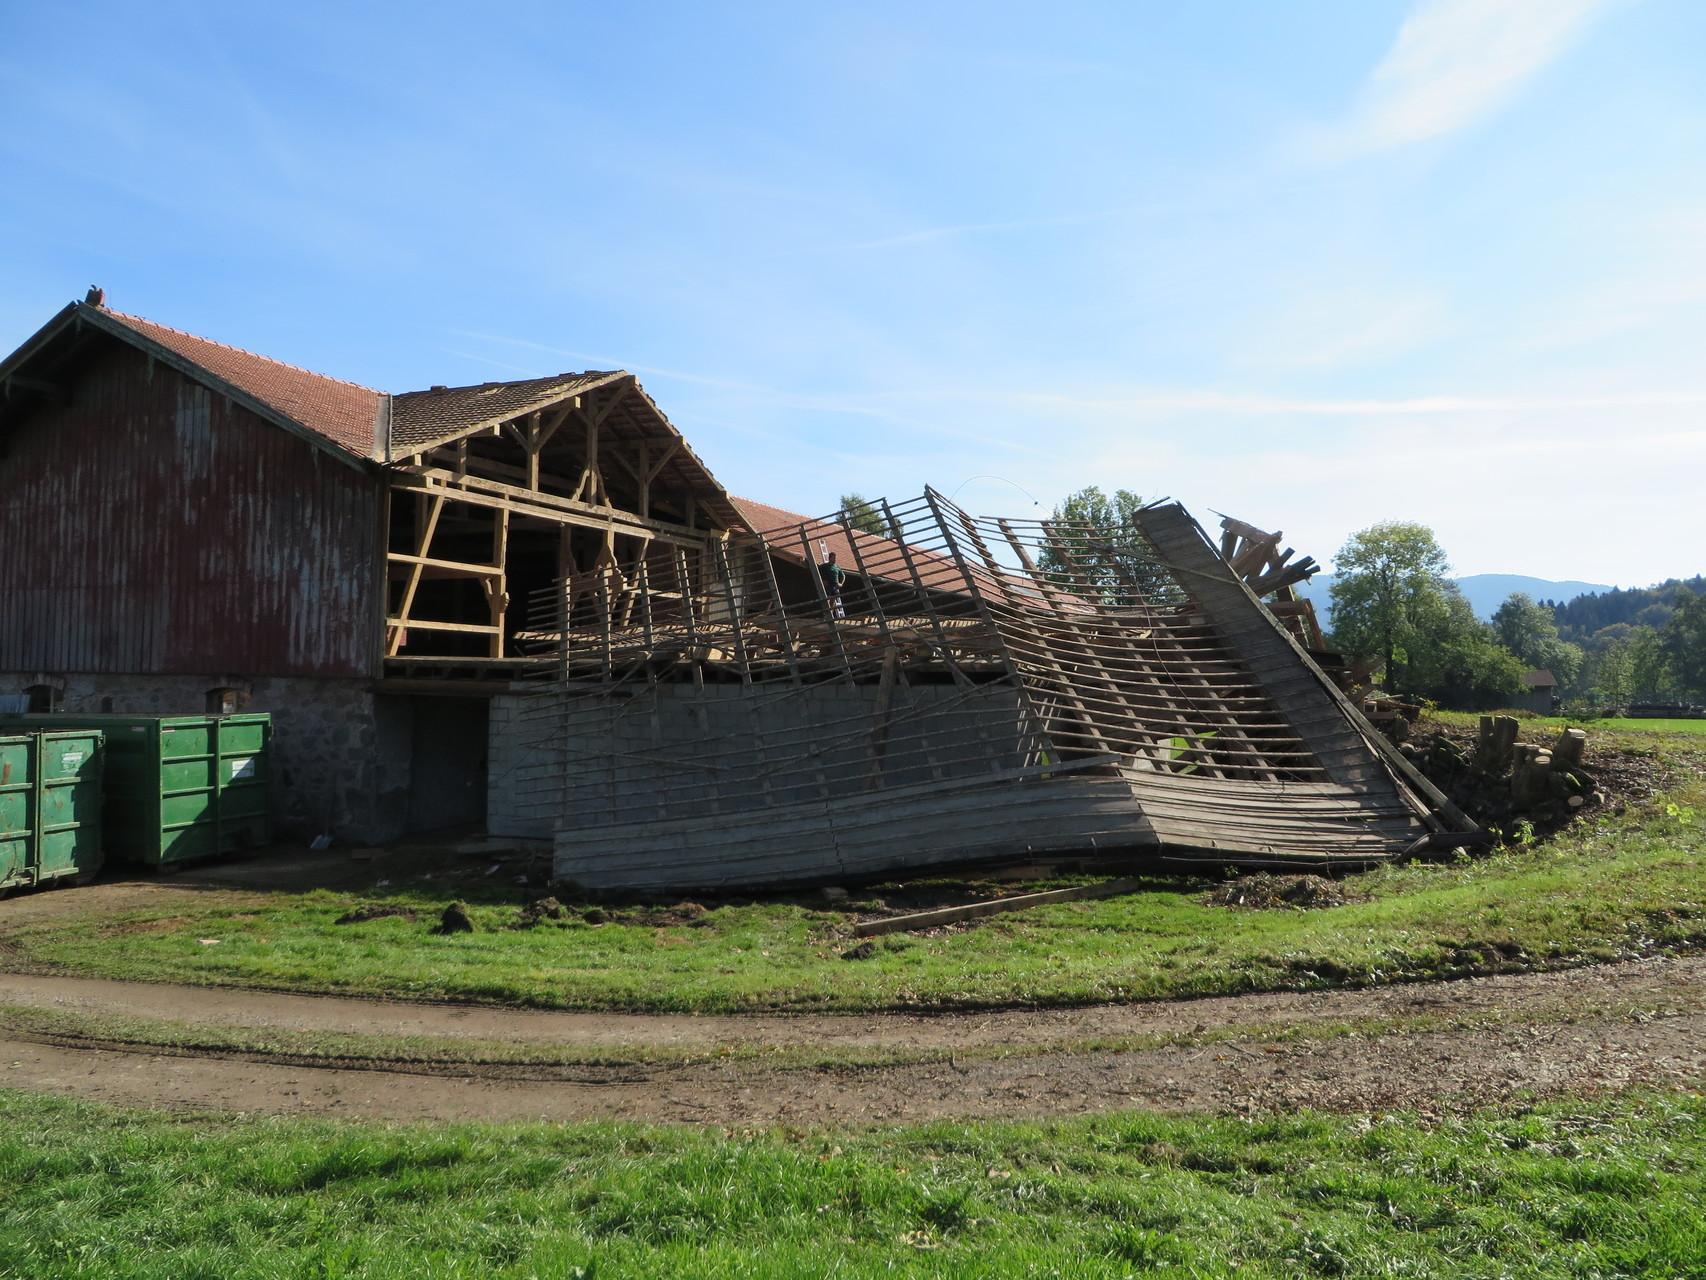 Abbruch eines landwirtschaftlichen Anwesens und Ersetzen mit Neubau in Massivholz